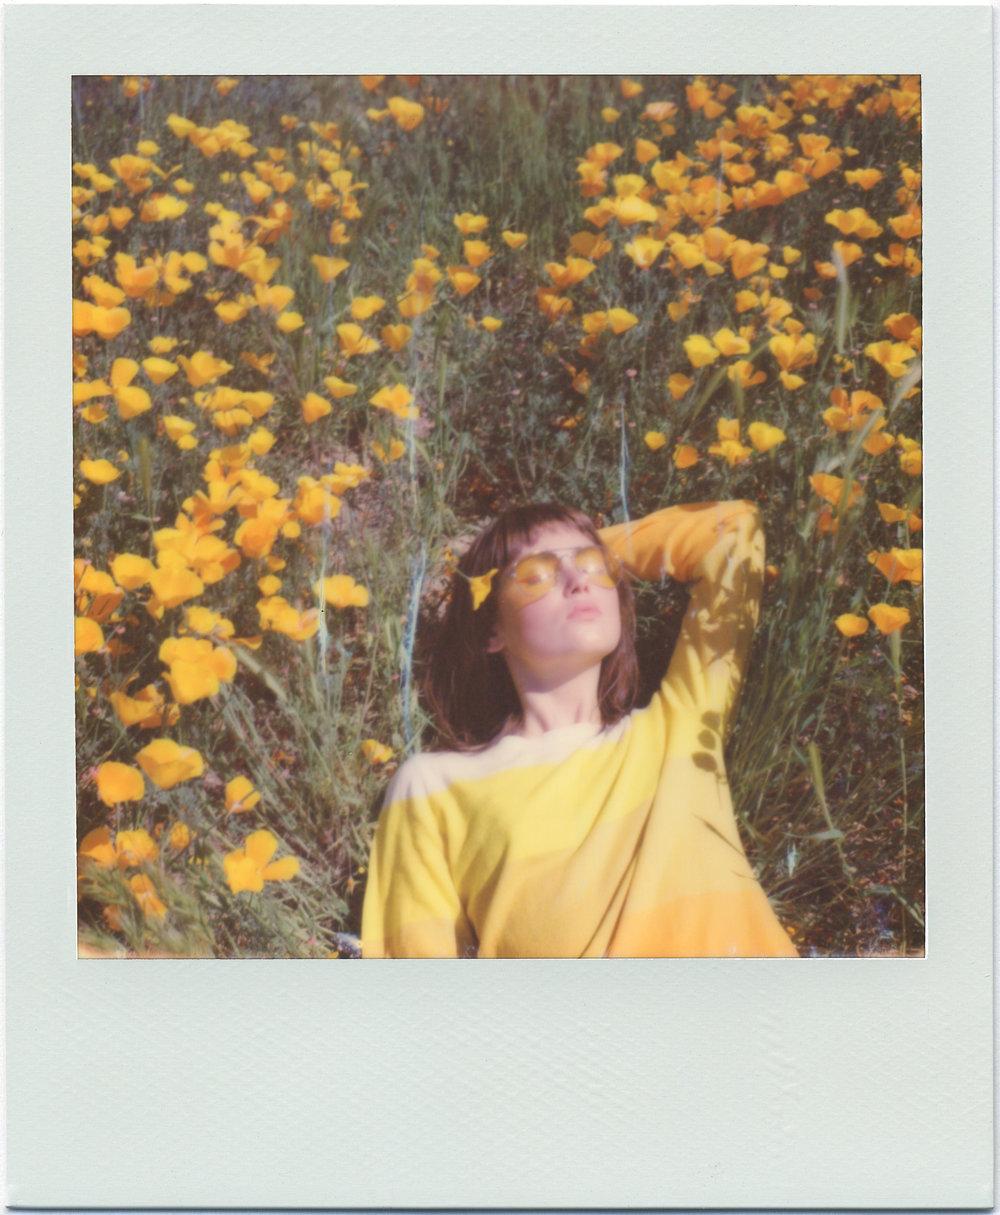 3213_Polaroid_Sx70A.jpg